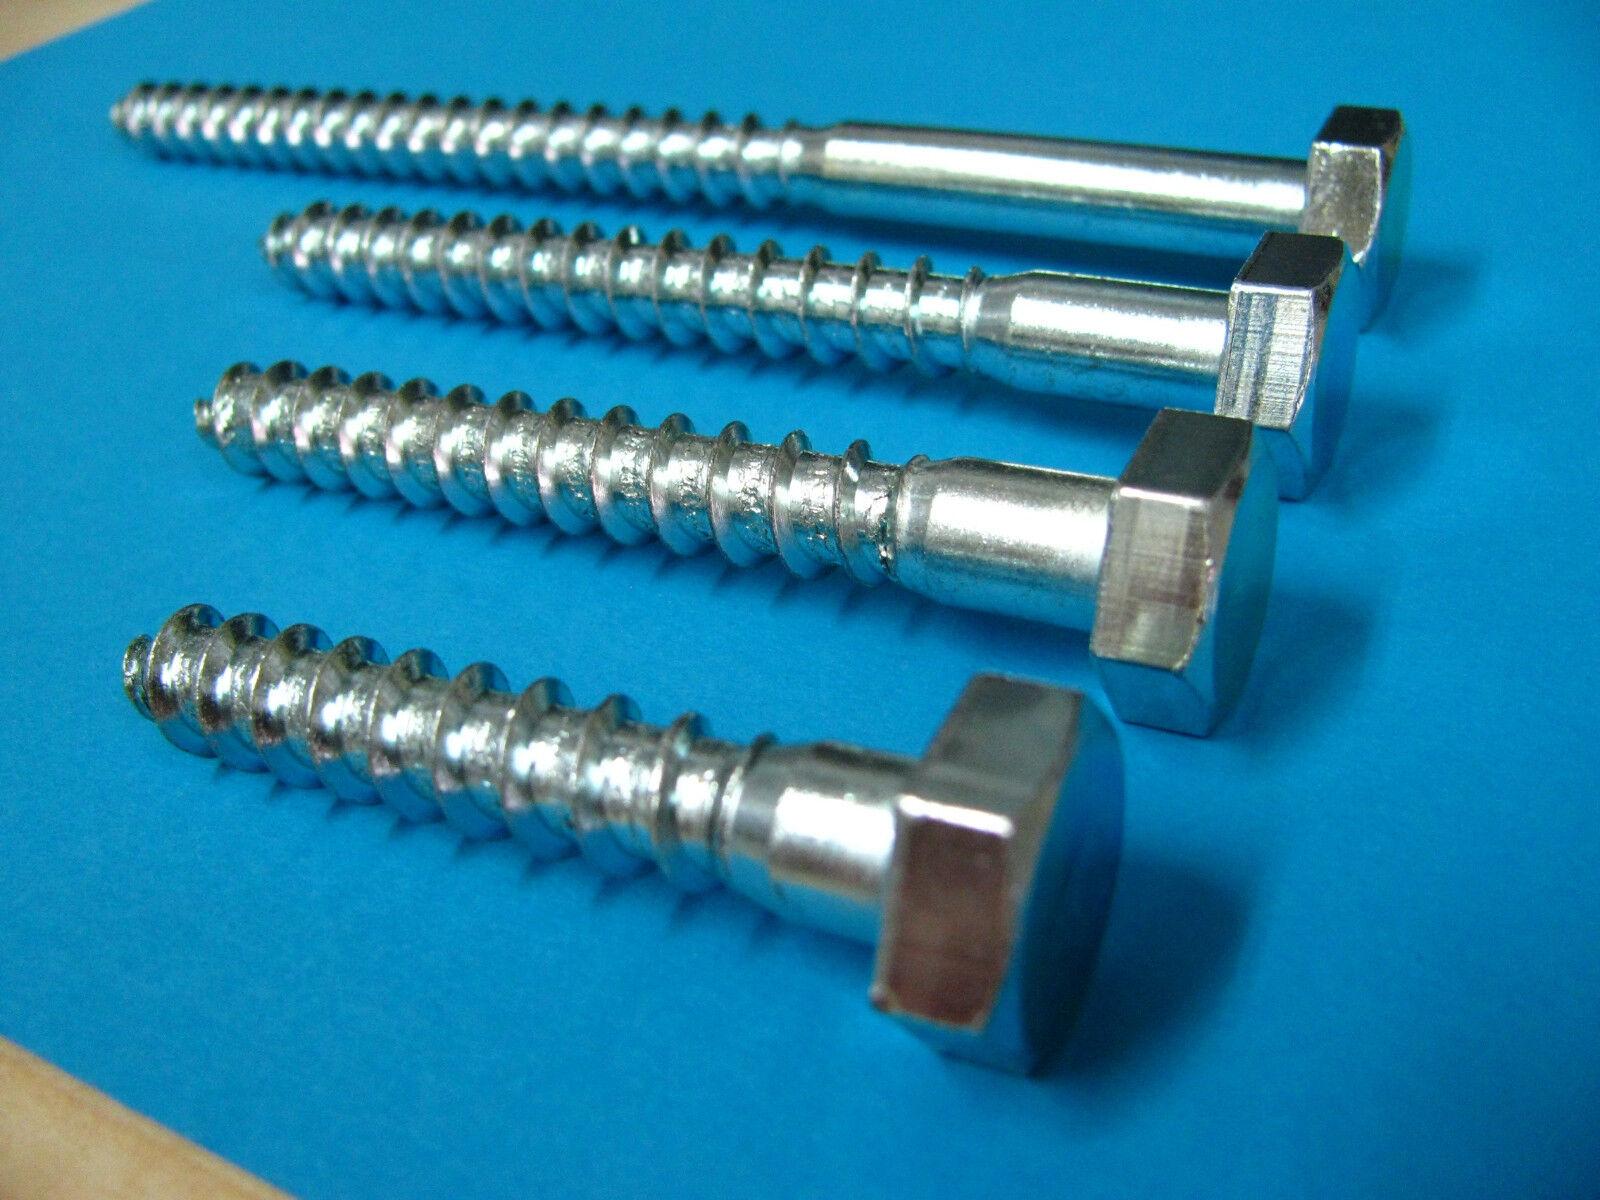 10mm Schlüsselschrauben Schlüsselschraube 10 Din 571 Sechskantholzschrauben   | Vogue